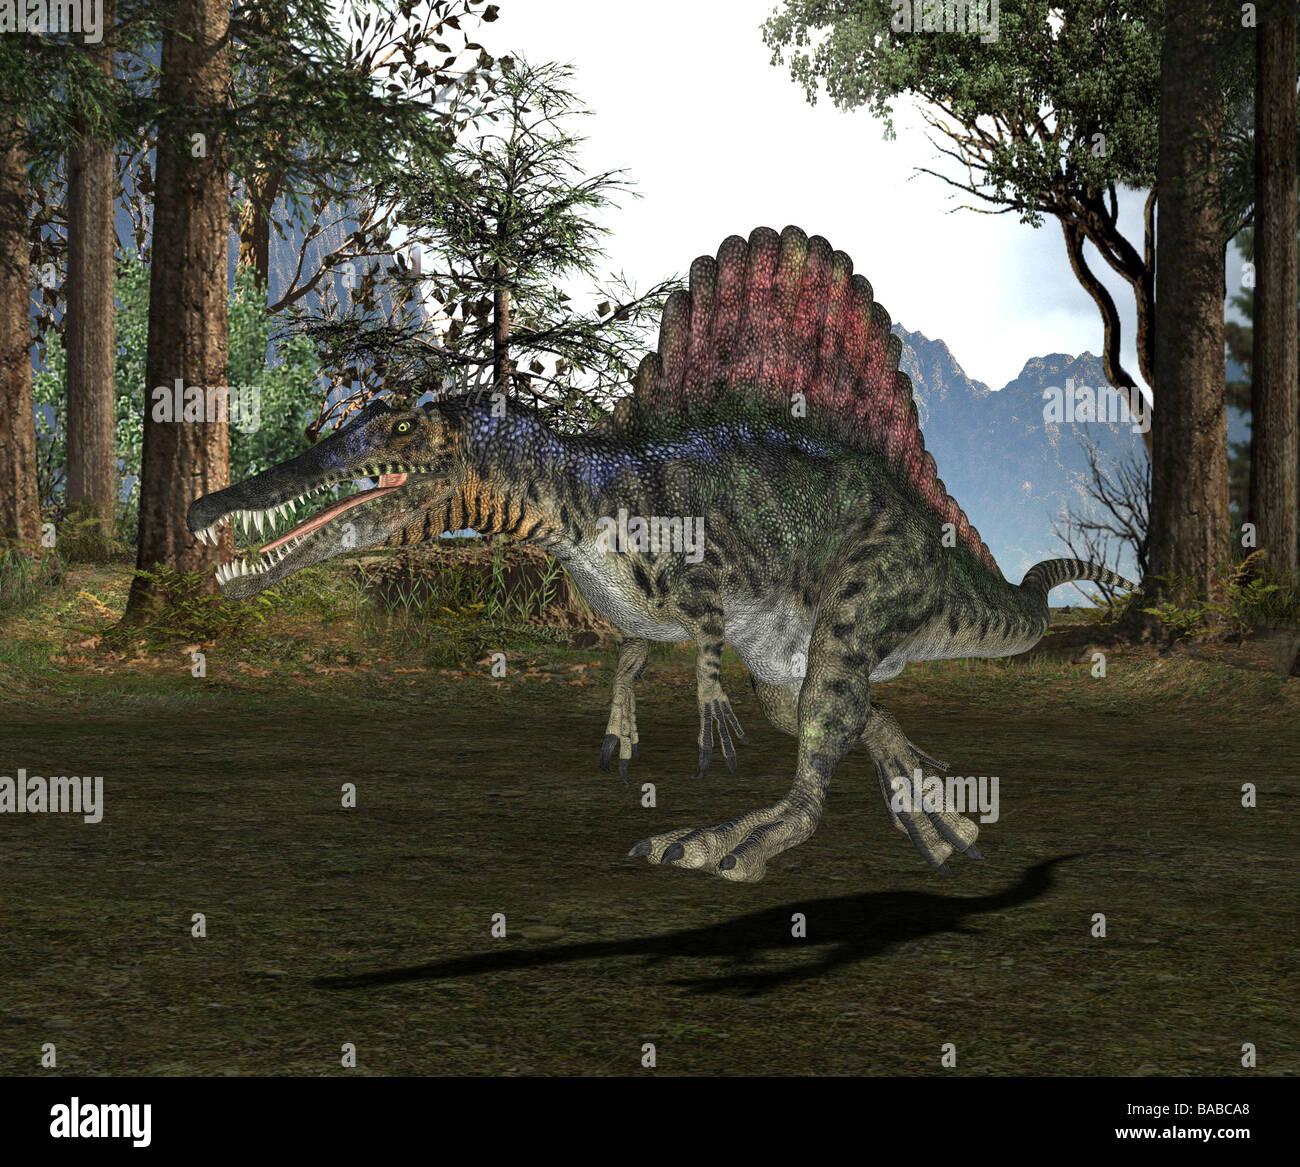 Dinosaur Dinosaurs Dino Spinosaurus Stock Photos & Dinosaur ...